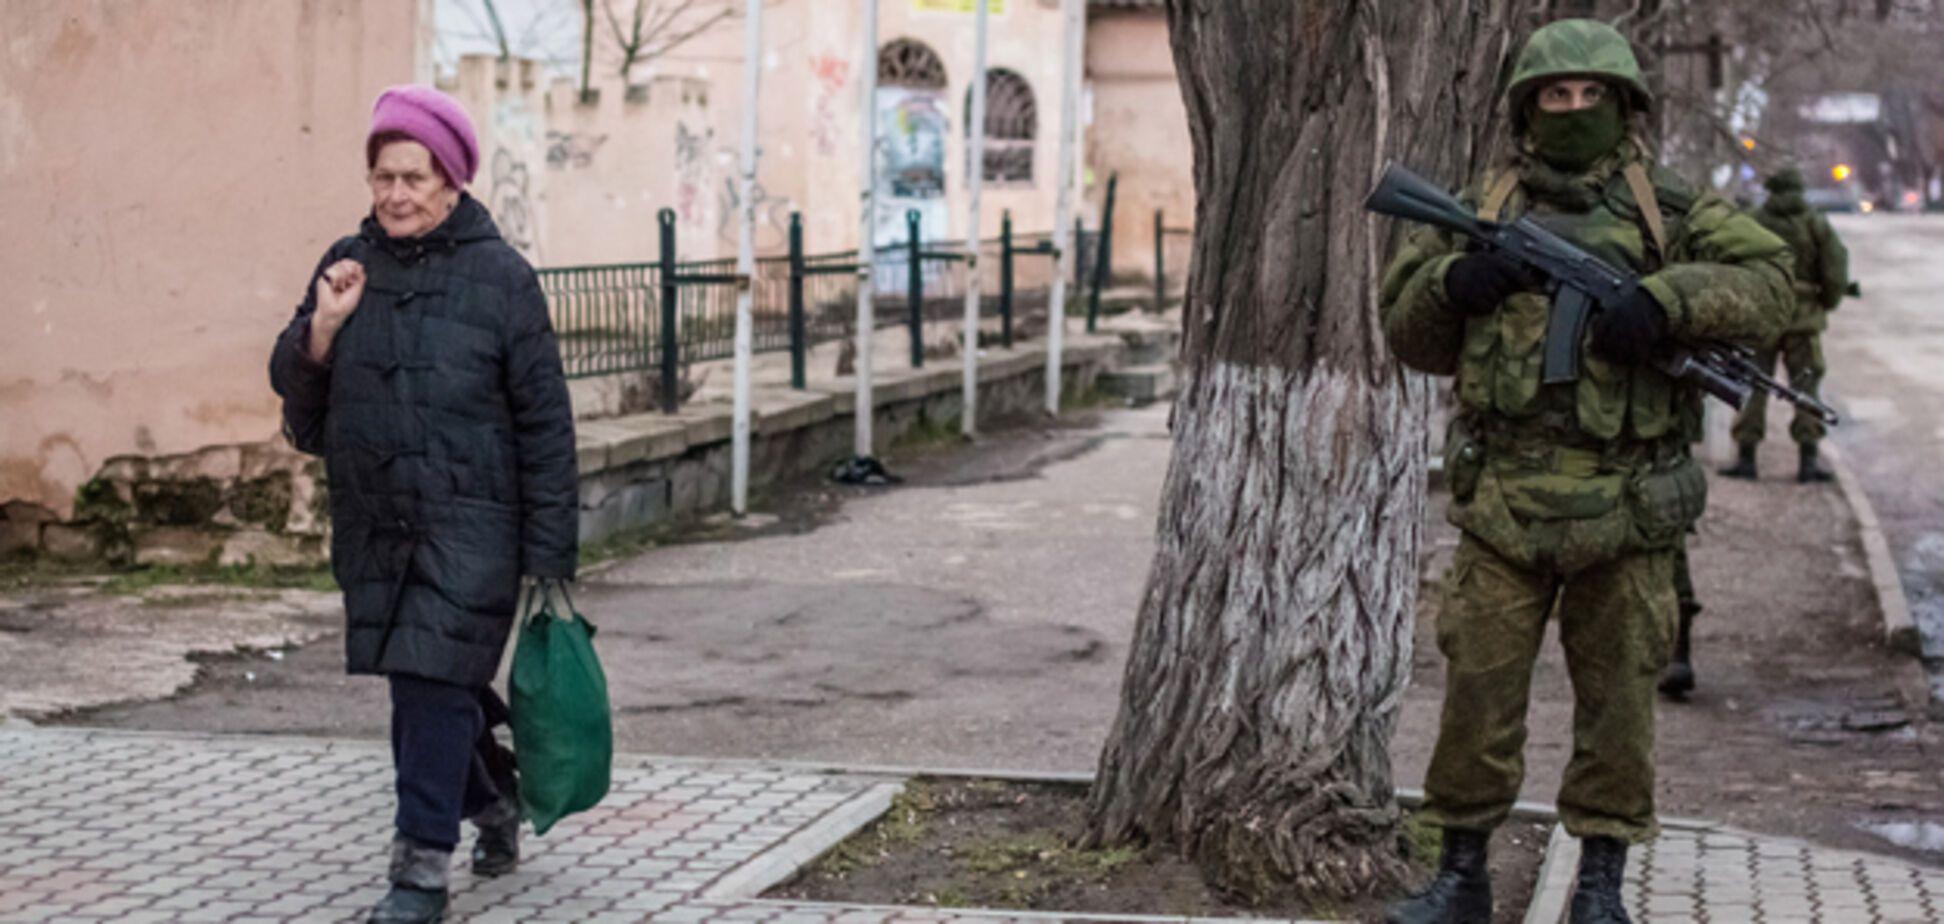 Новости Крымнаша. Бежала на референдум голосовать, а теперь 7 лет в борьбе